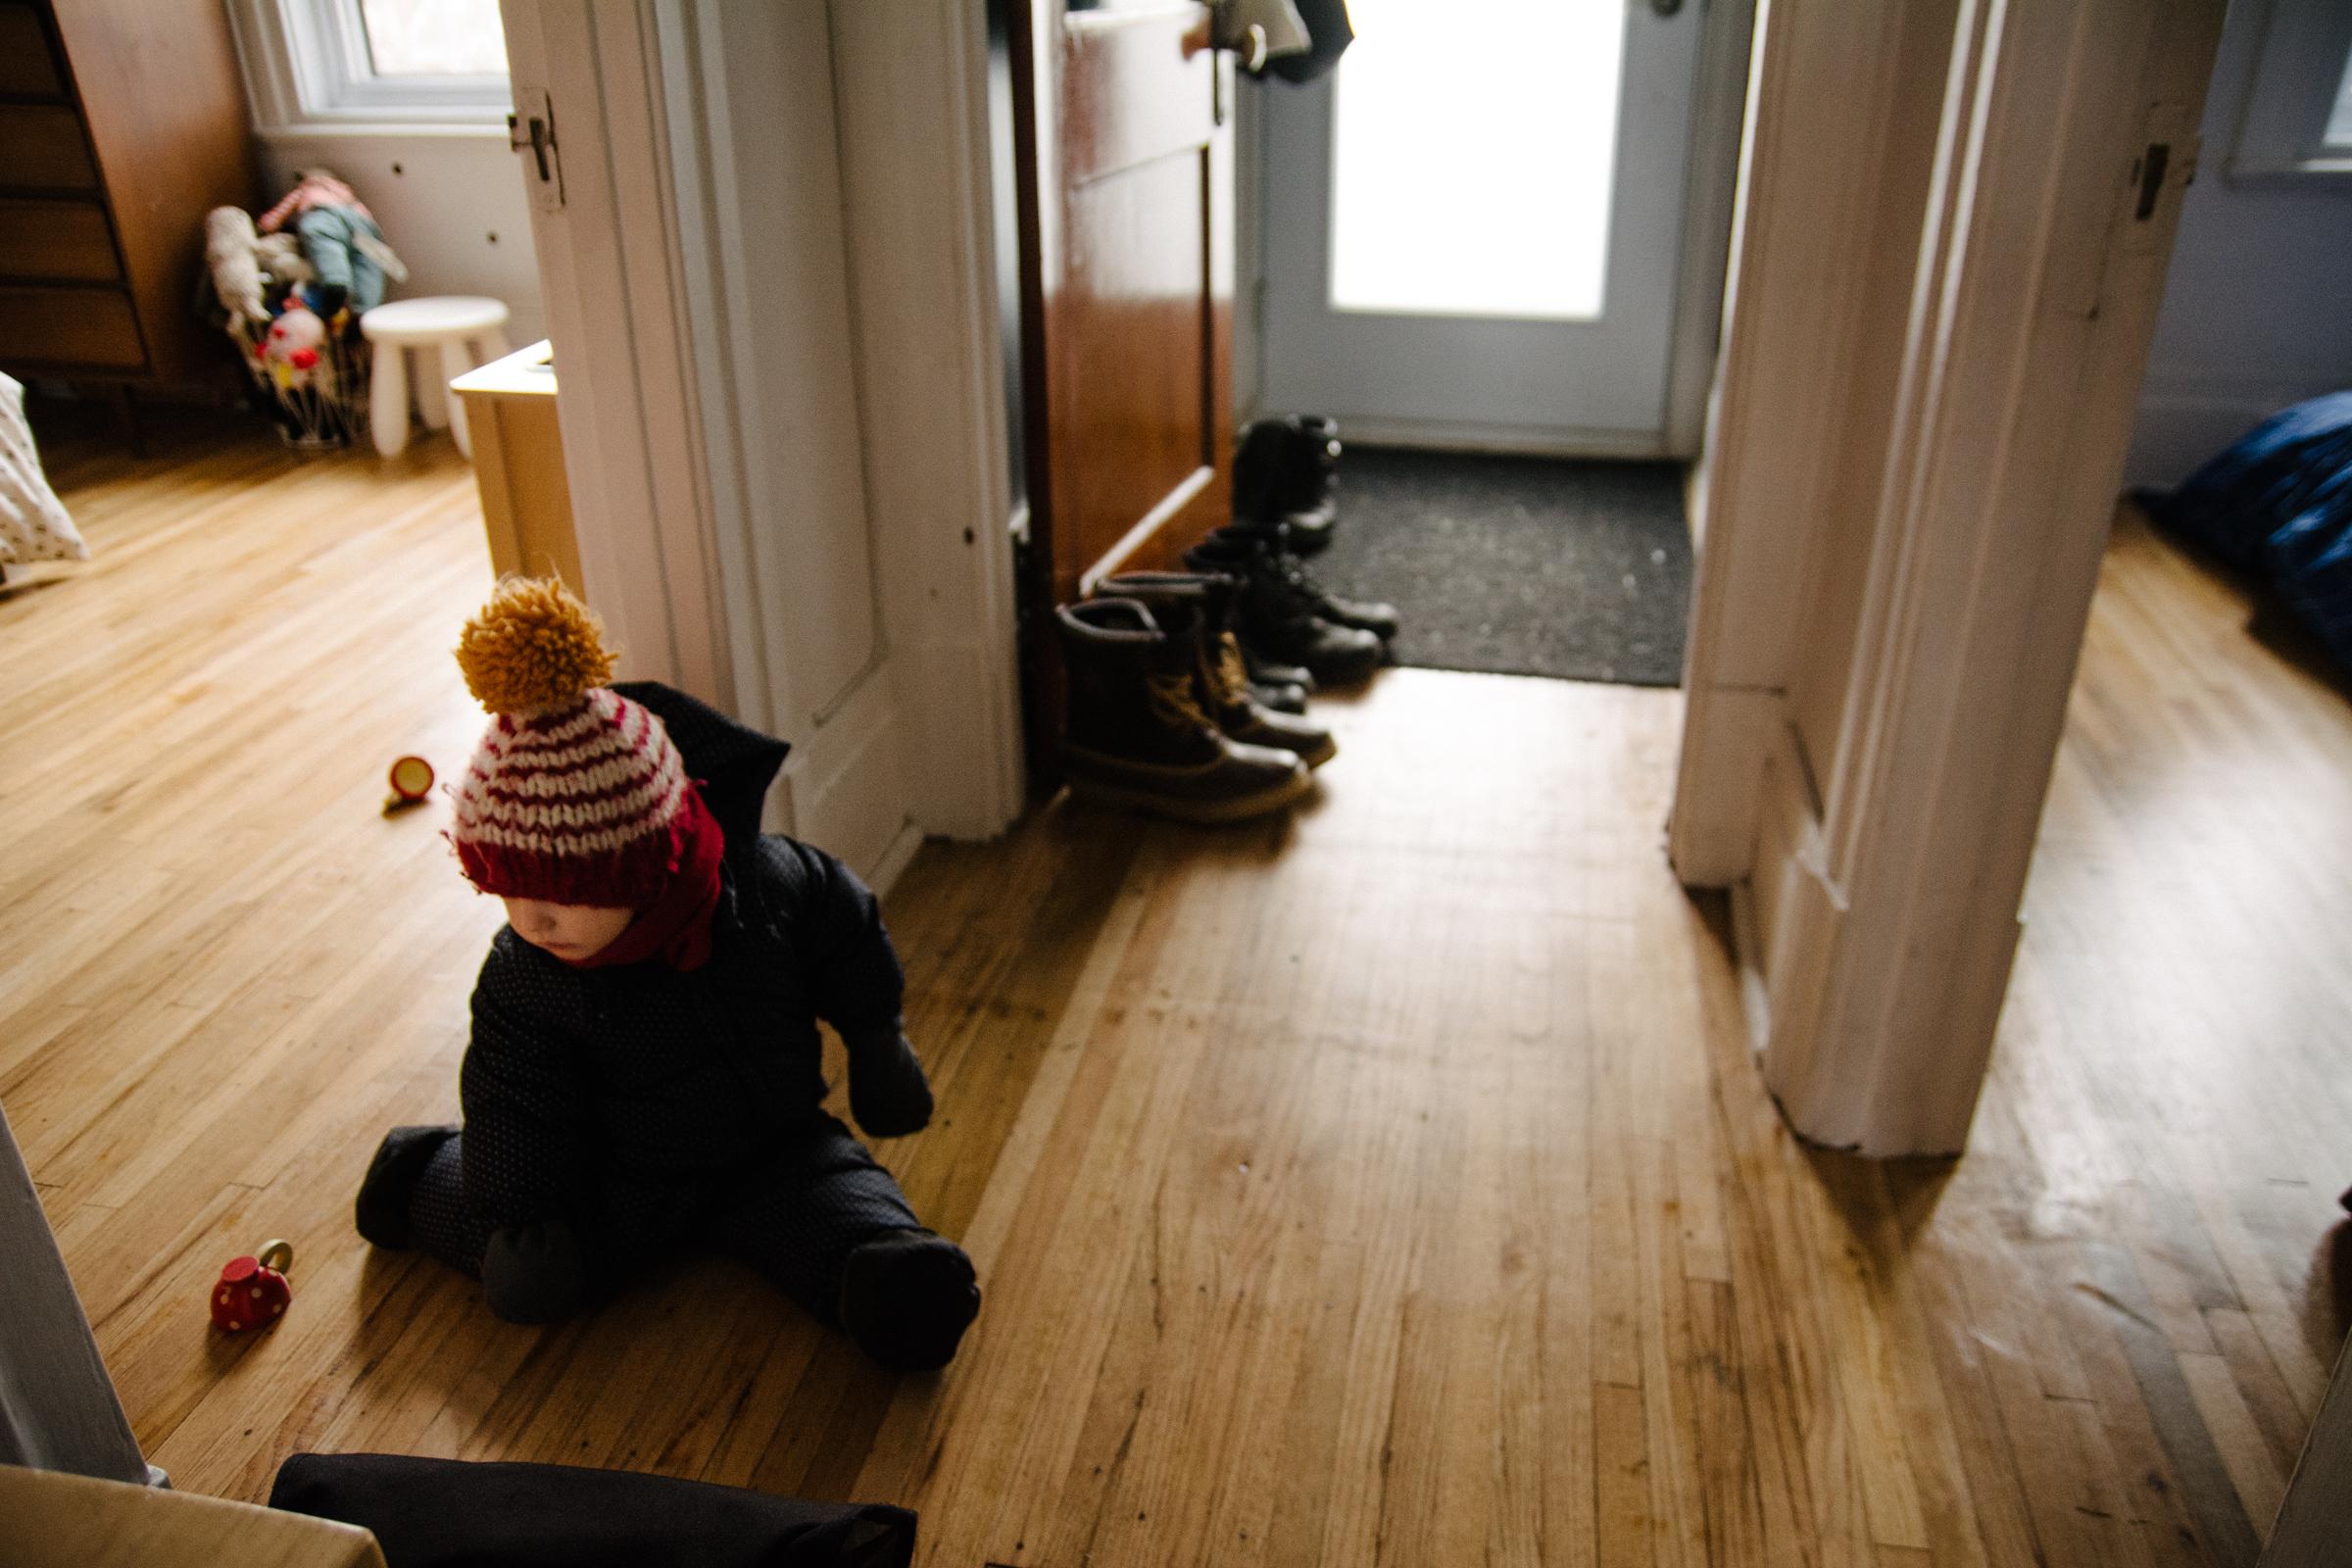 photo-d-un-enfant-dans-son-habit-de-neige-assis-dans-lentree-photographe-famille-lifestyle-a-montreal-118.jpg